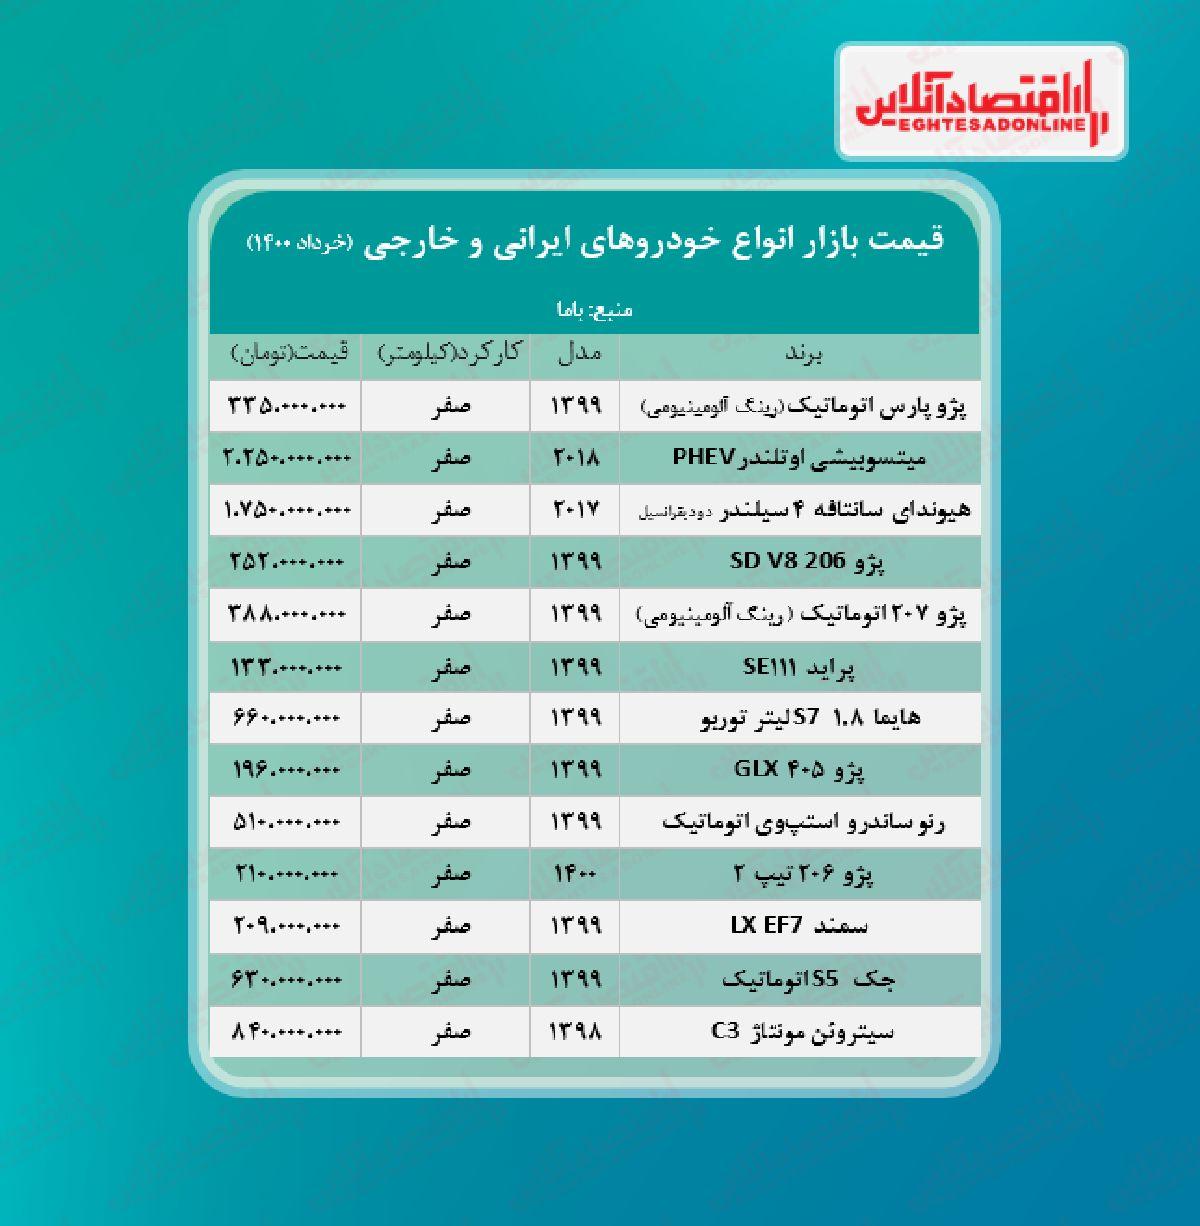 قیمت خودرو ۱۴۰۰/۳/۱۹